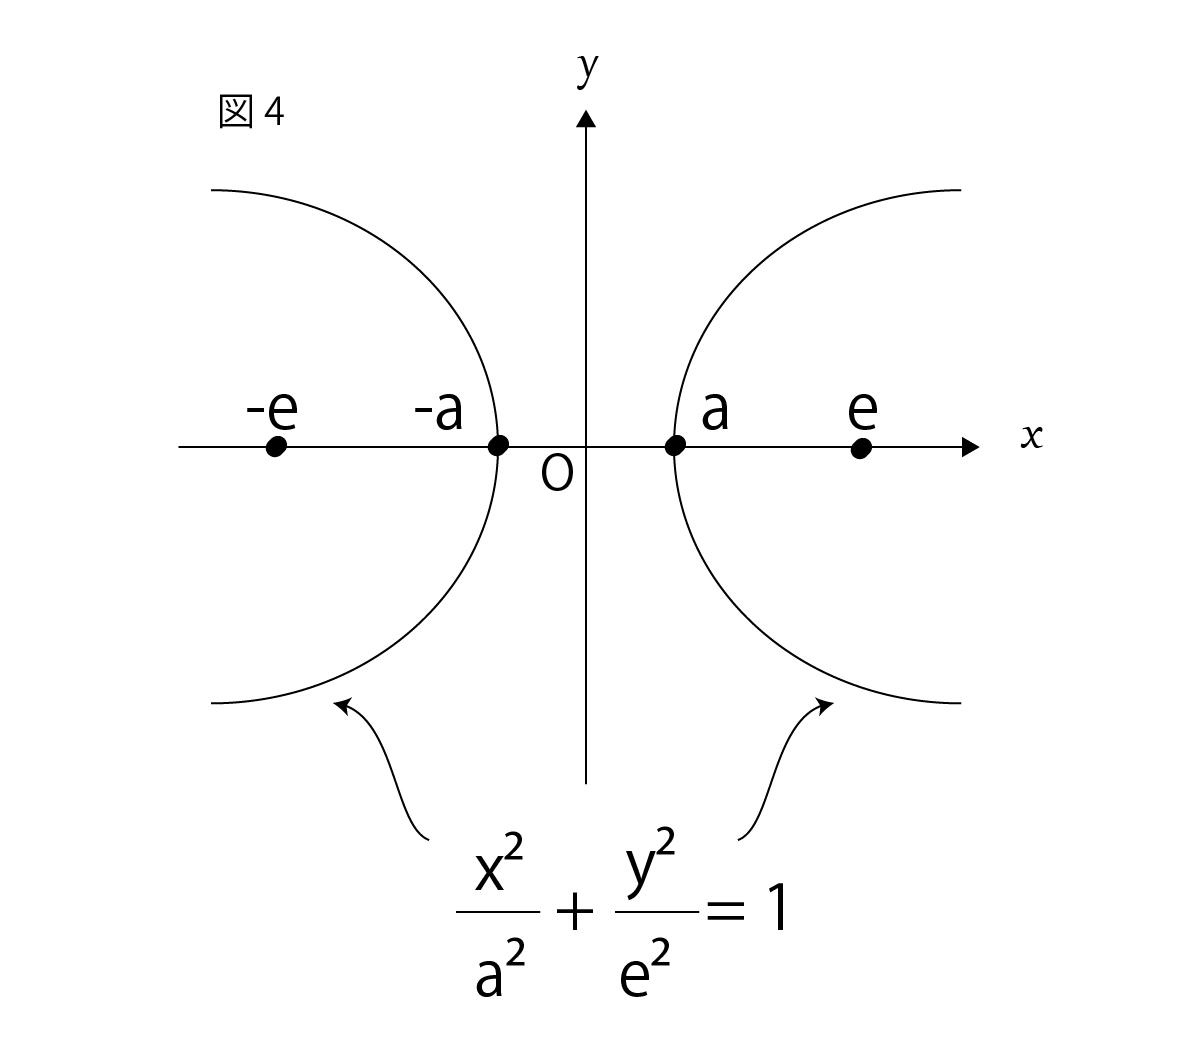 双曲線の媒介変数表示の座標